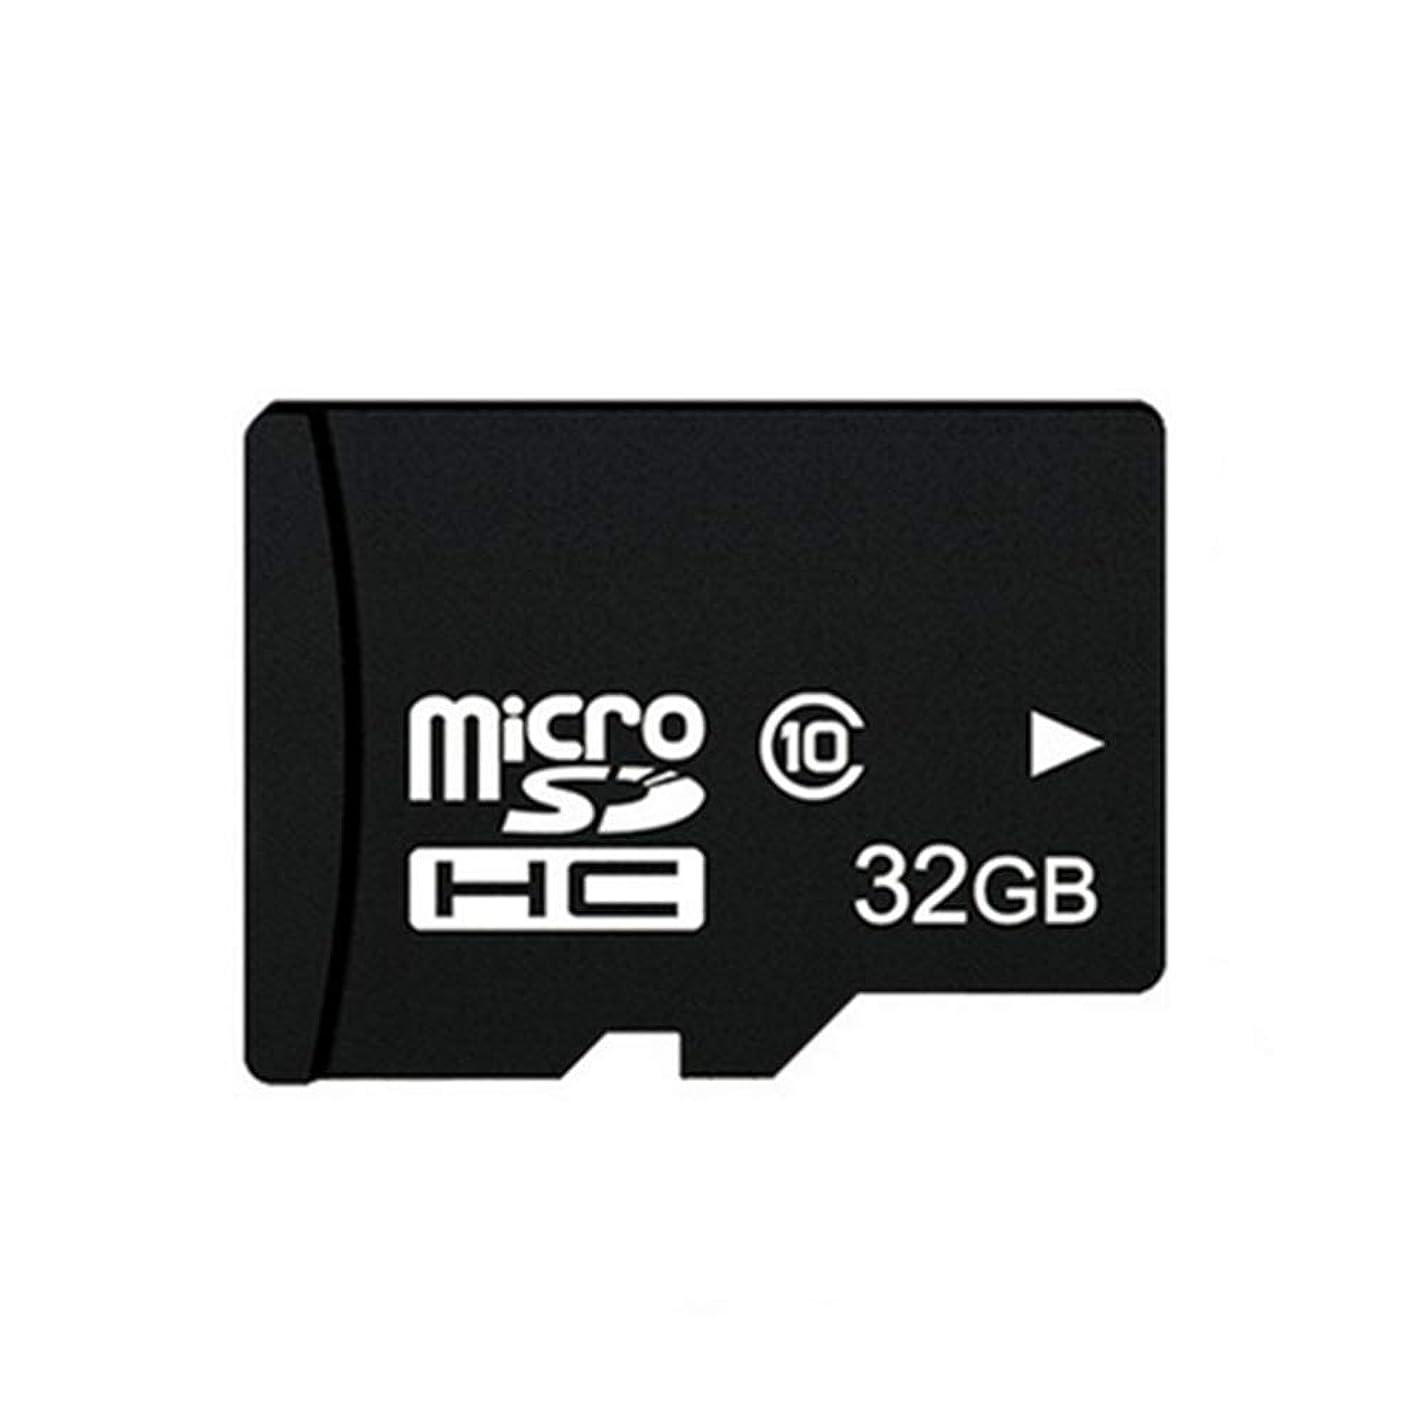 オフェンス天皇細分化するSherry MicroSD カード 32GB Class10 高速 MicroSDHC カード 32GB メモリカード SDスピードクラス データ転送 スマホ カメラ ターブレッドPC パソコン 等 対応 MicroSDカード ブラック